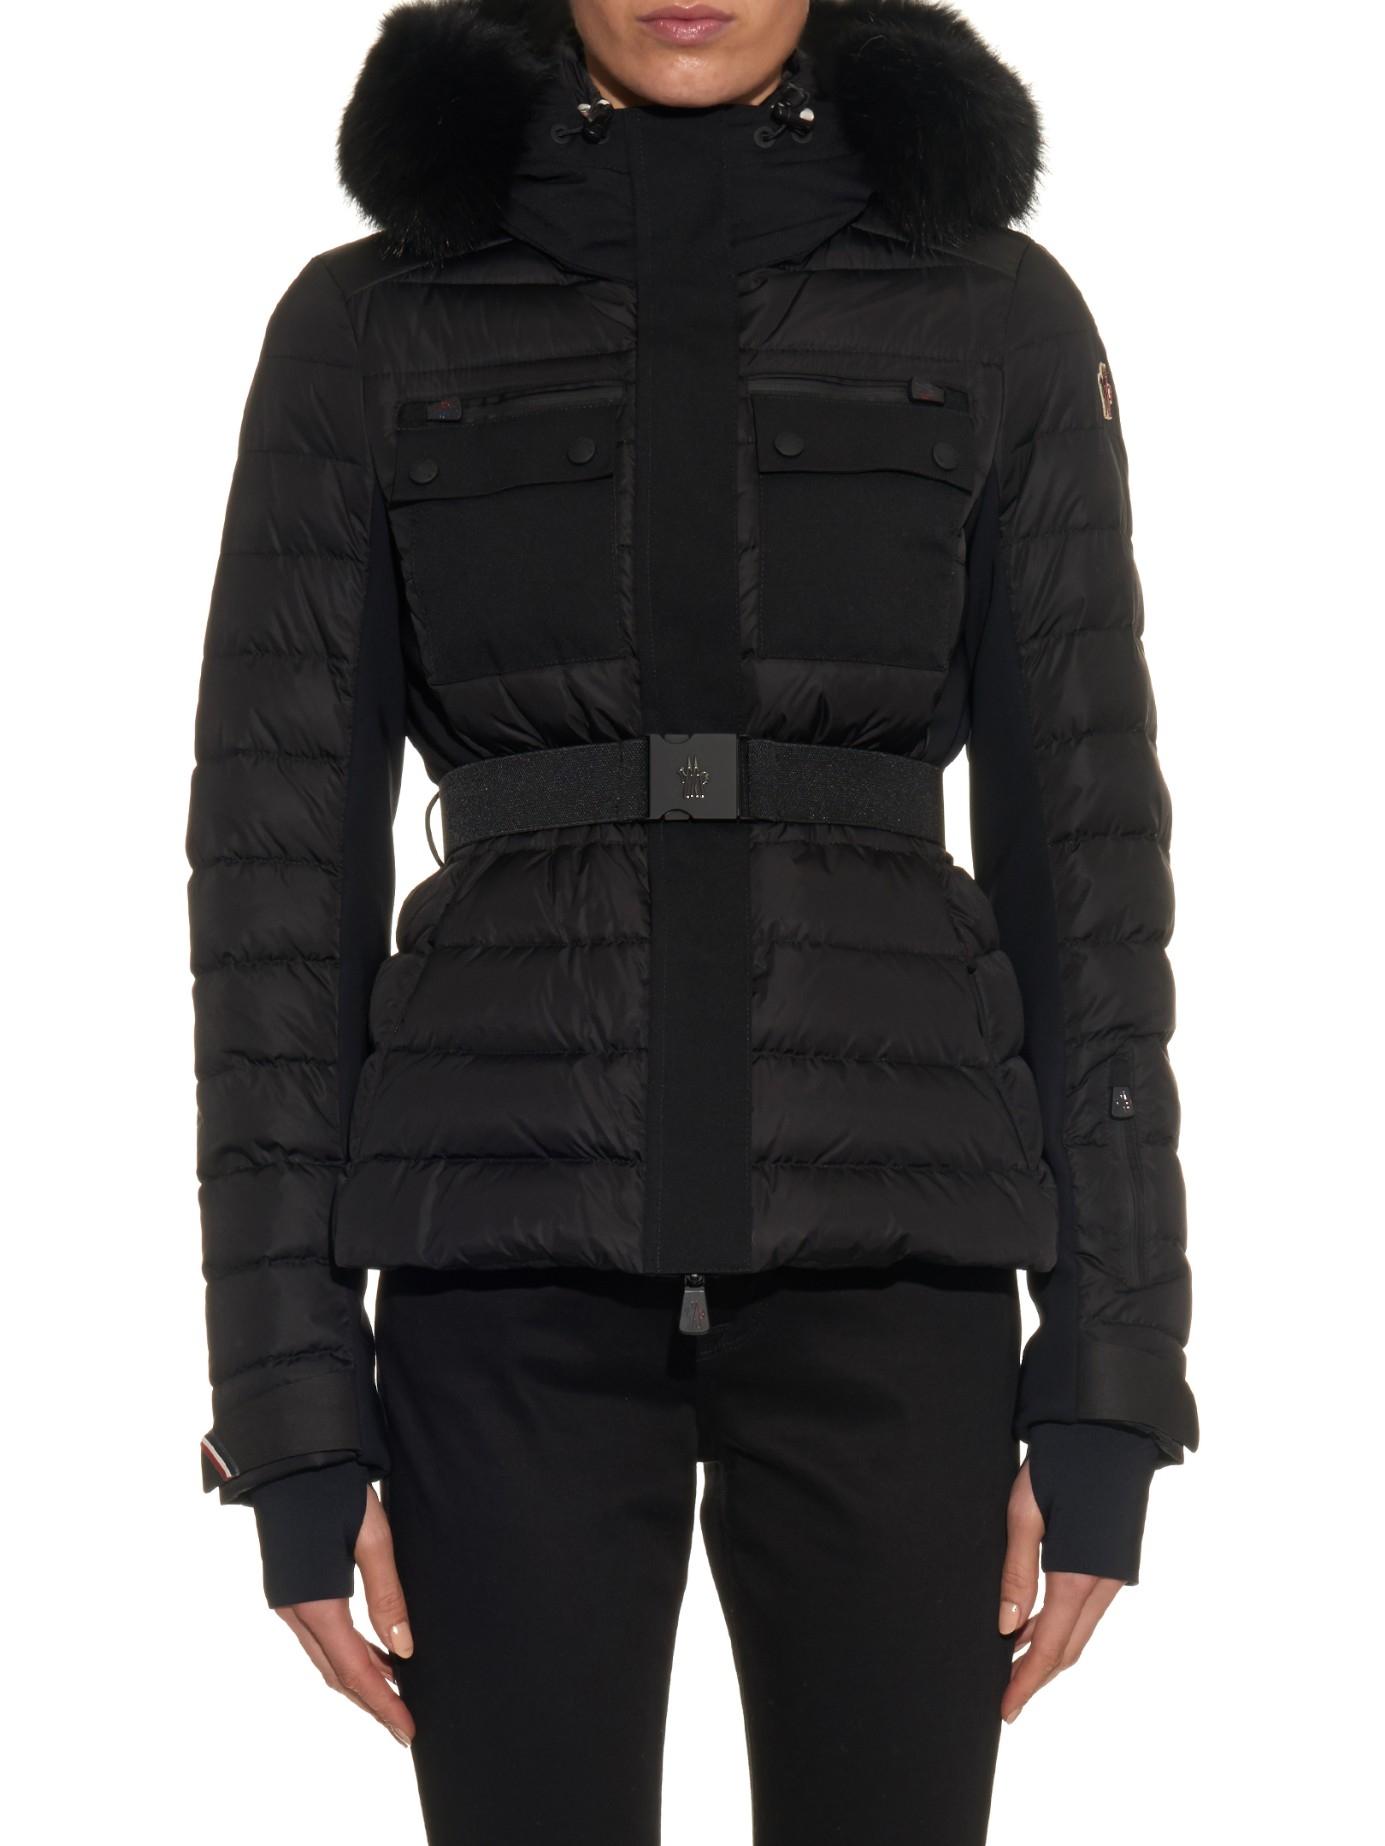 moncler ski clothing